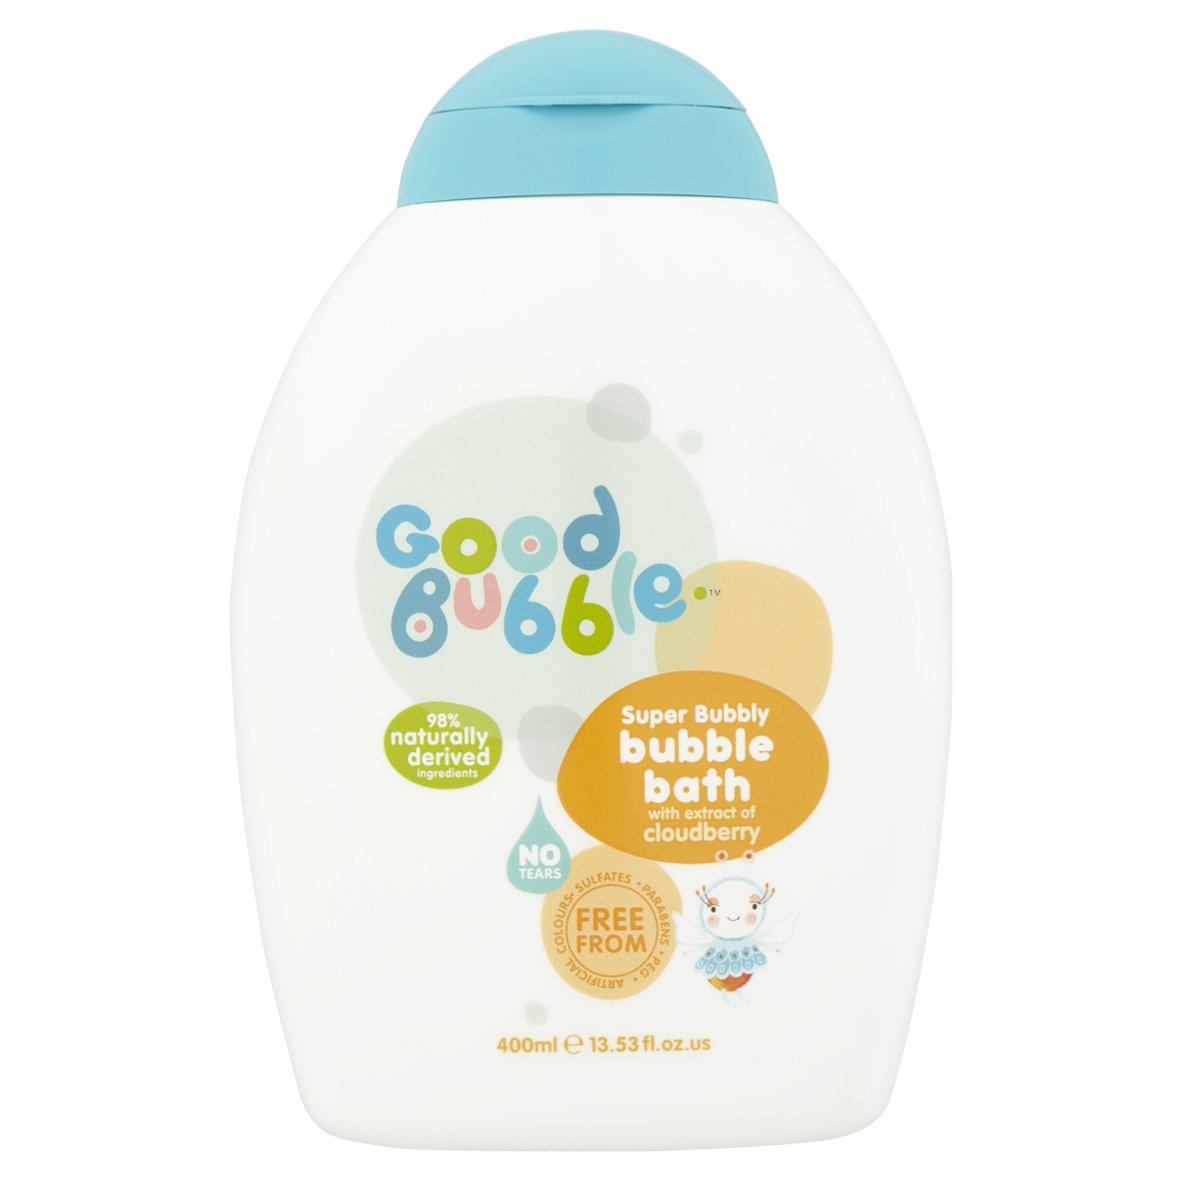 Bonne Bubble sans sulfate Bain moussant à l'extrait de polaires 400ml ELLA BANKS LTD 78310